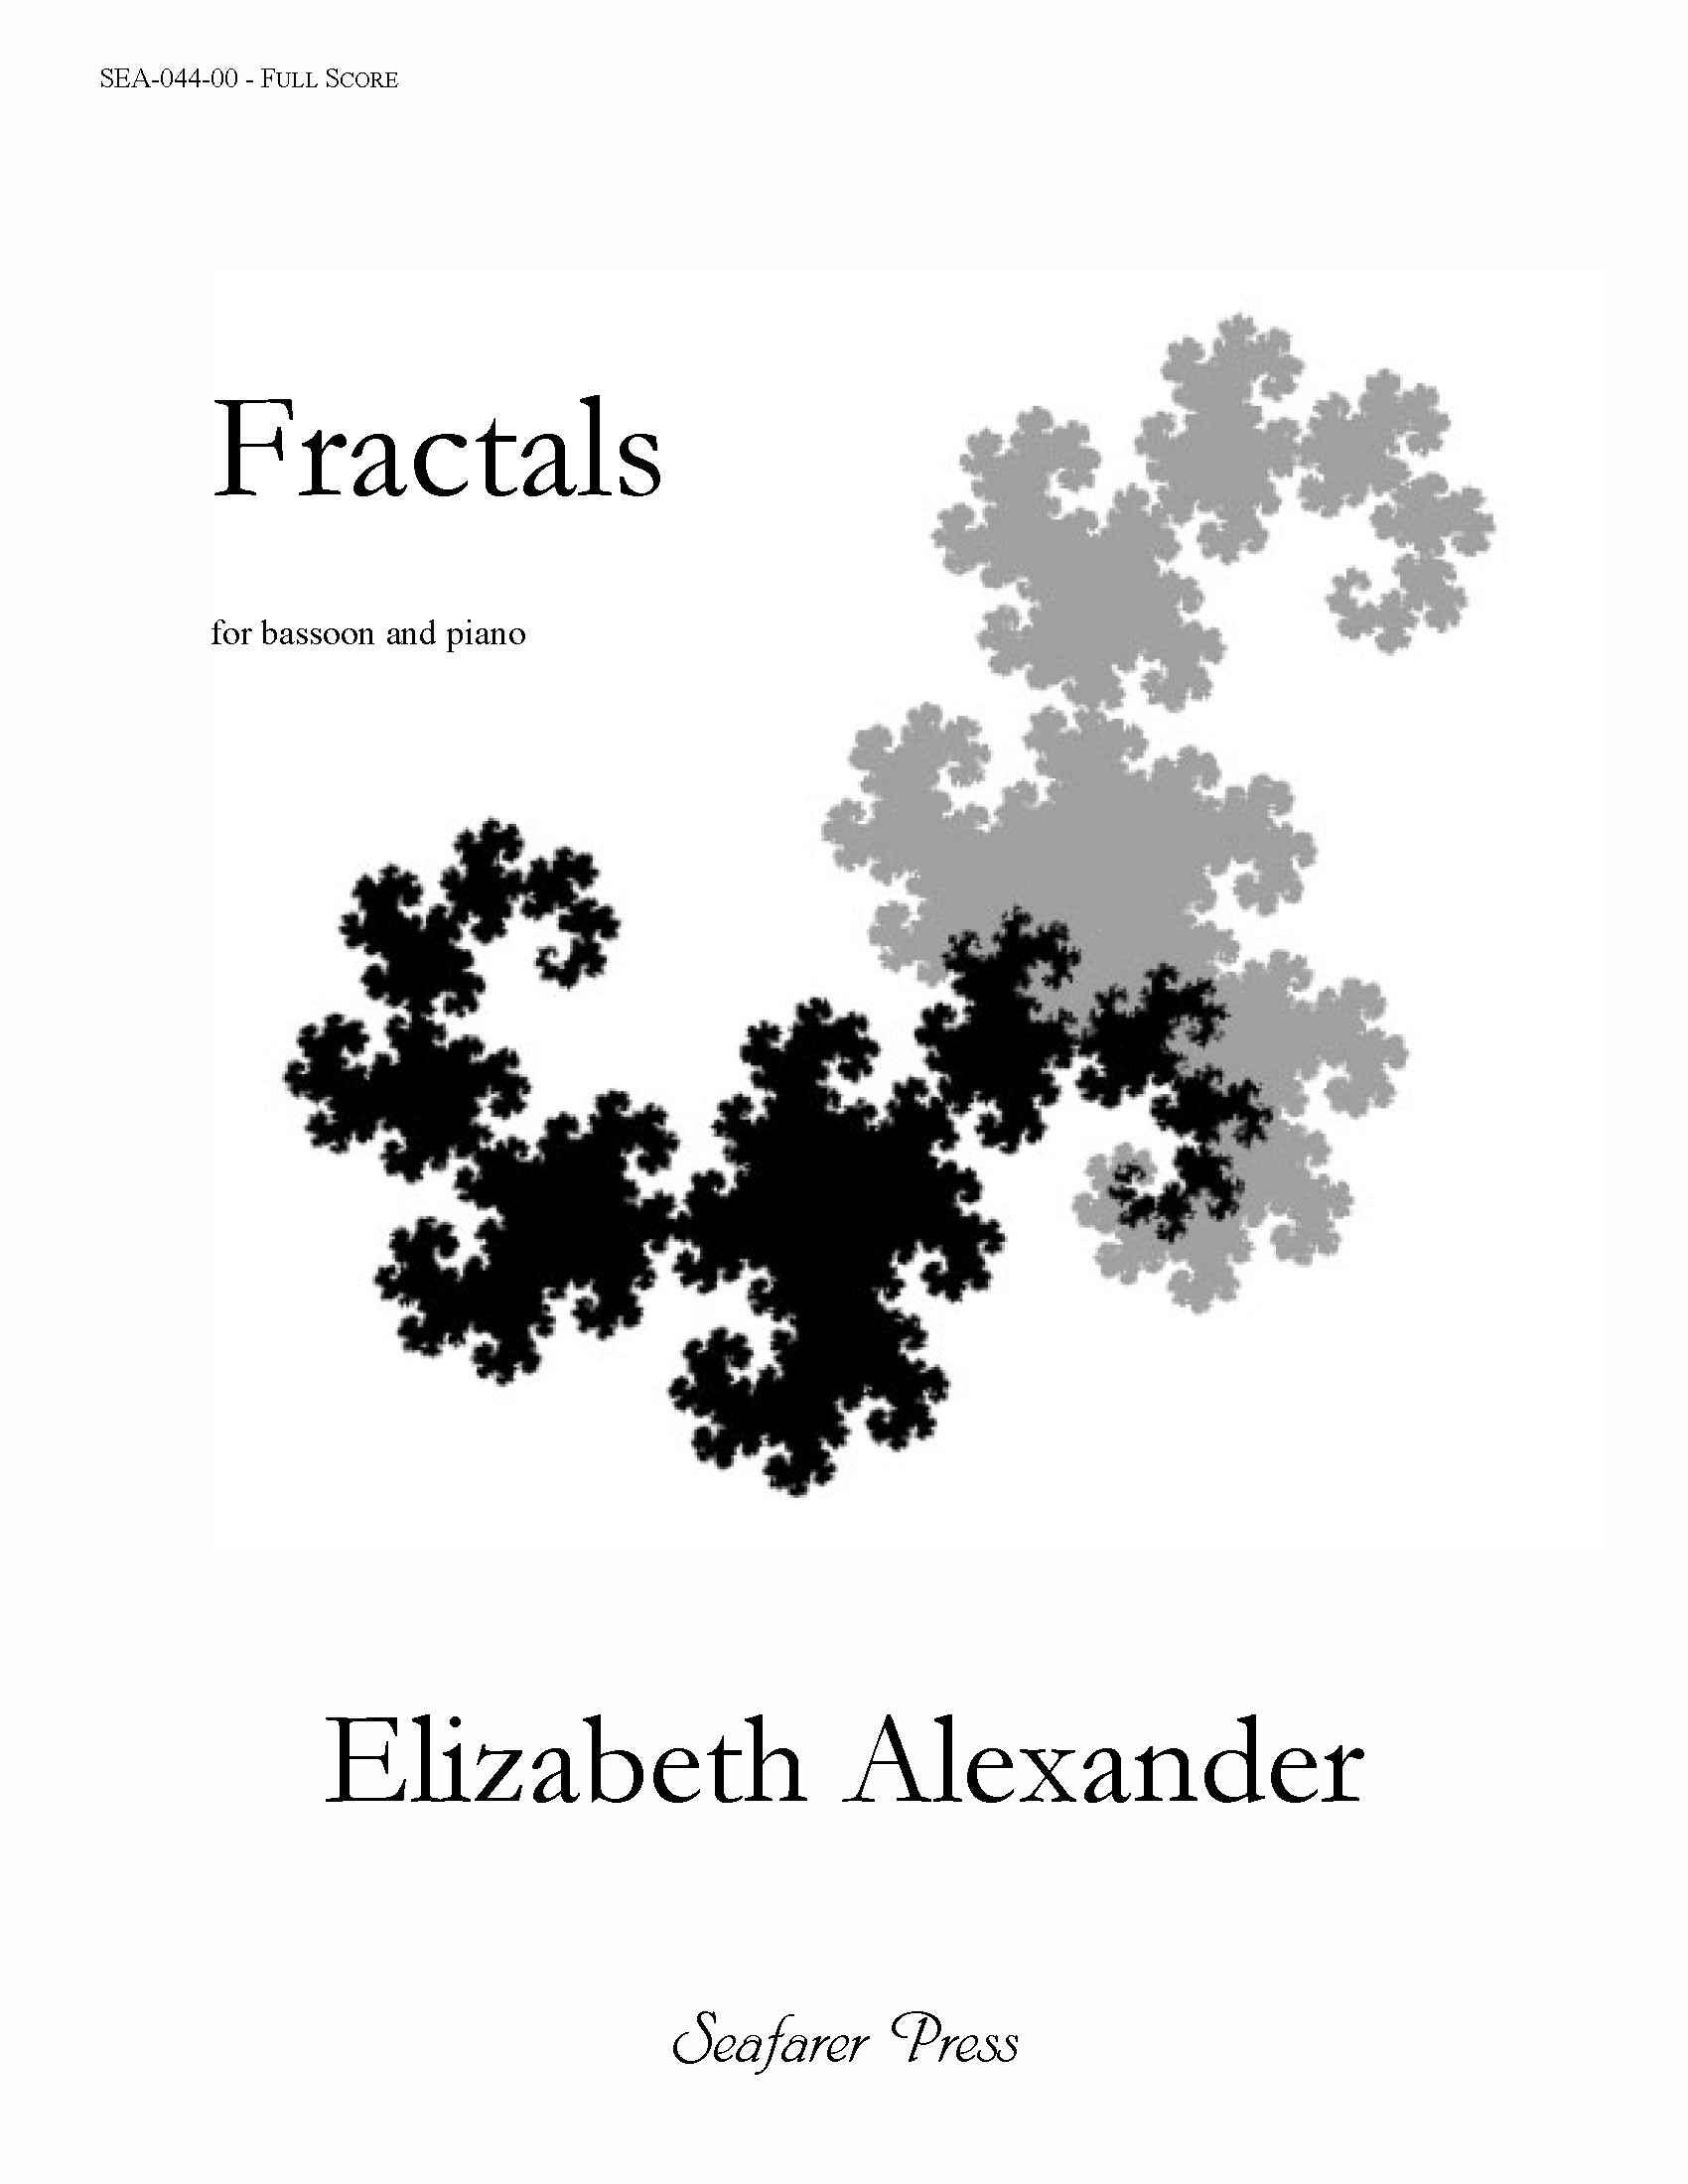 SEA-044-00 - Fractals